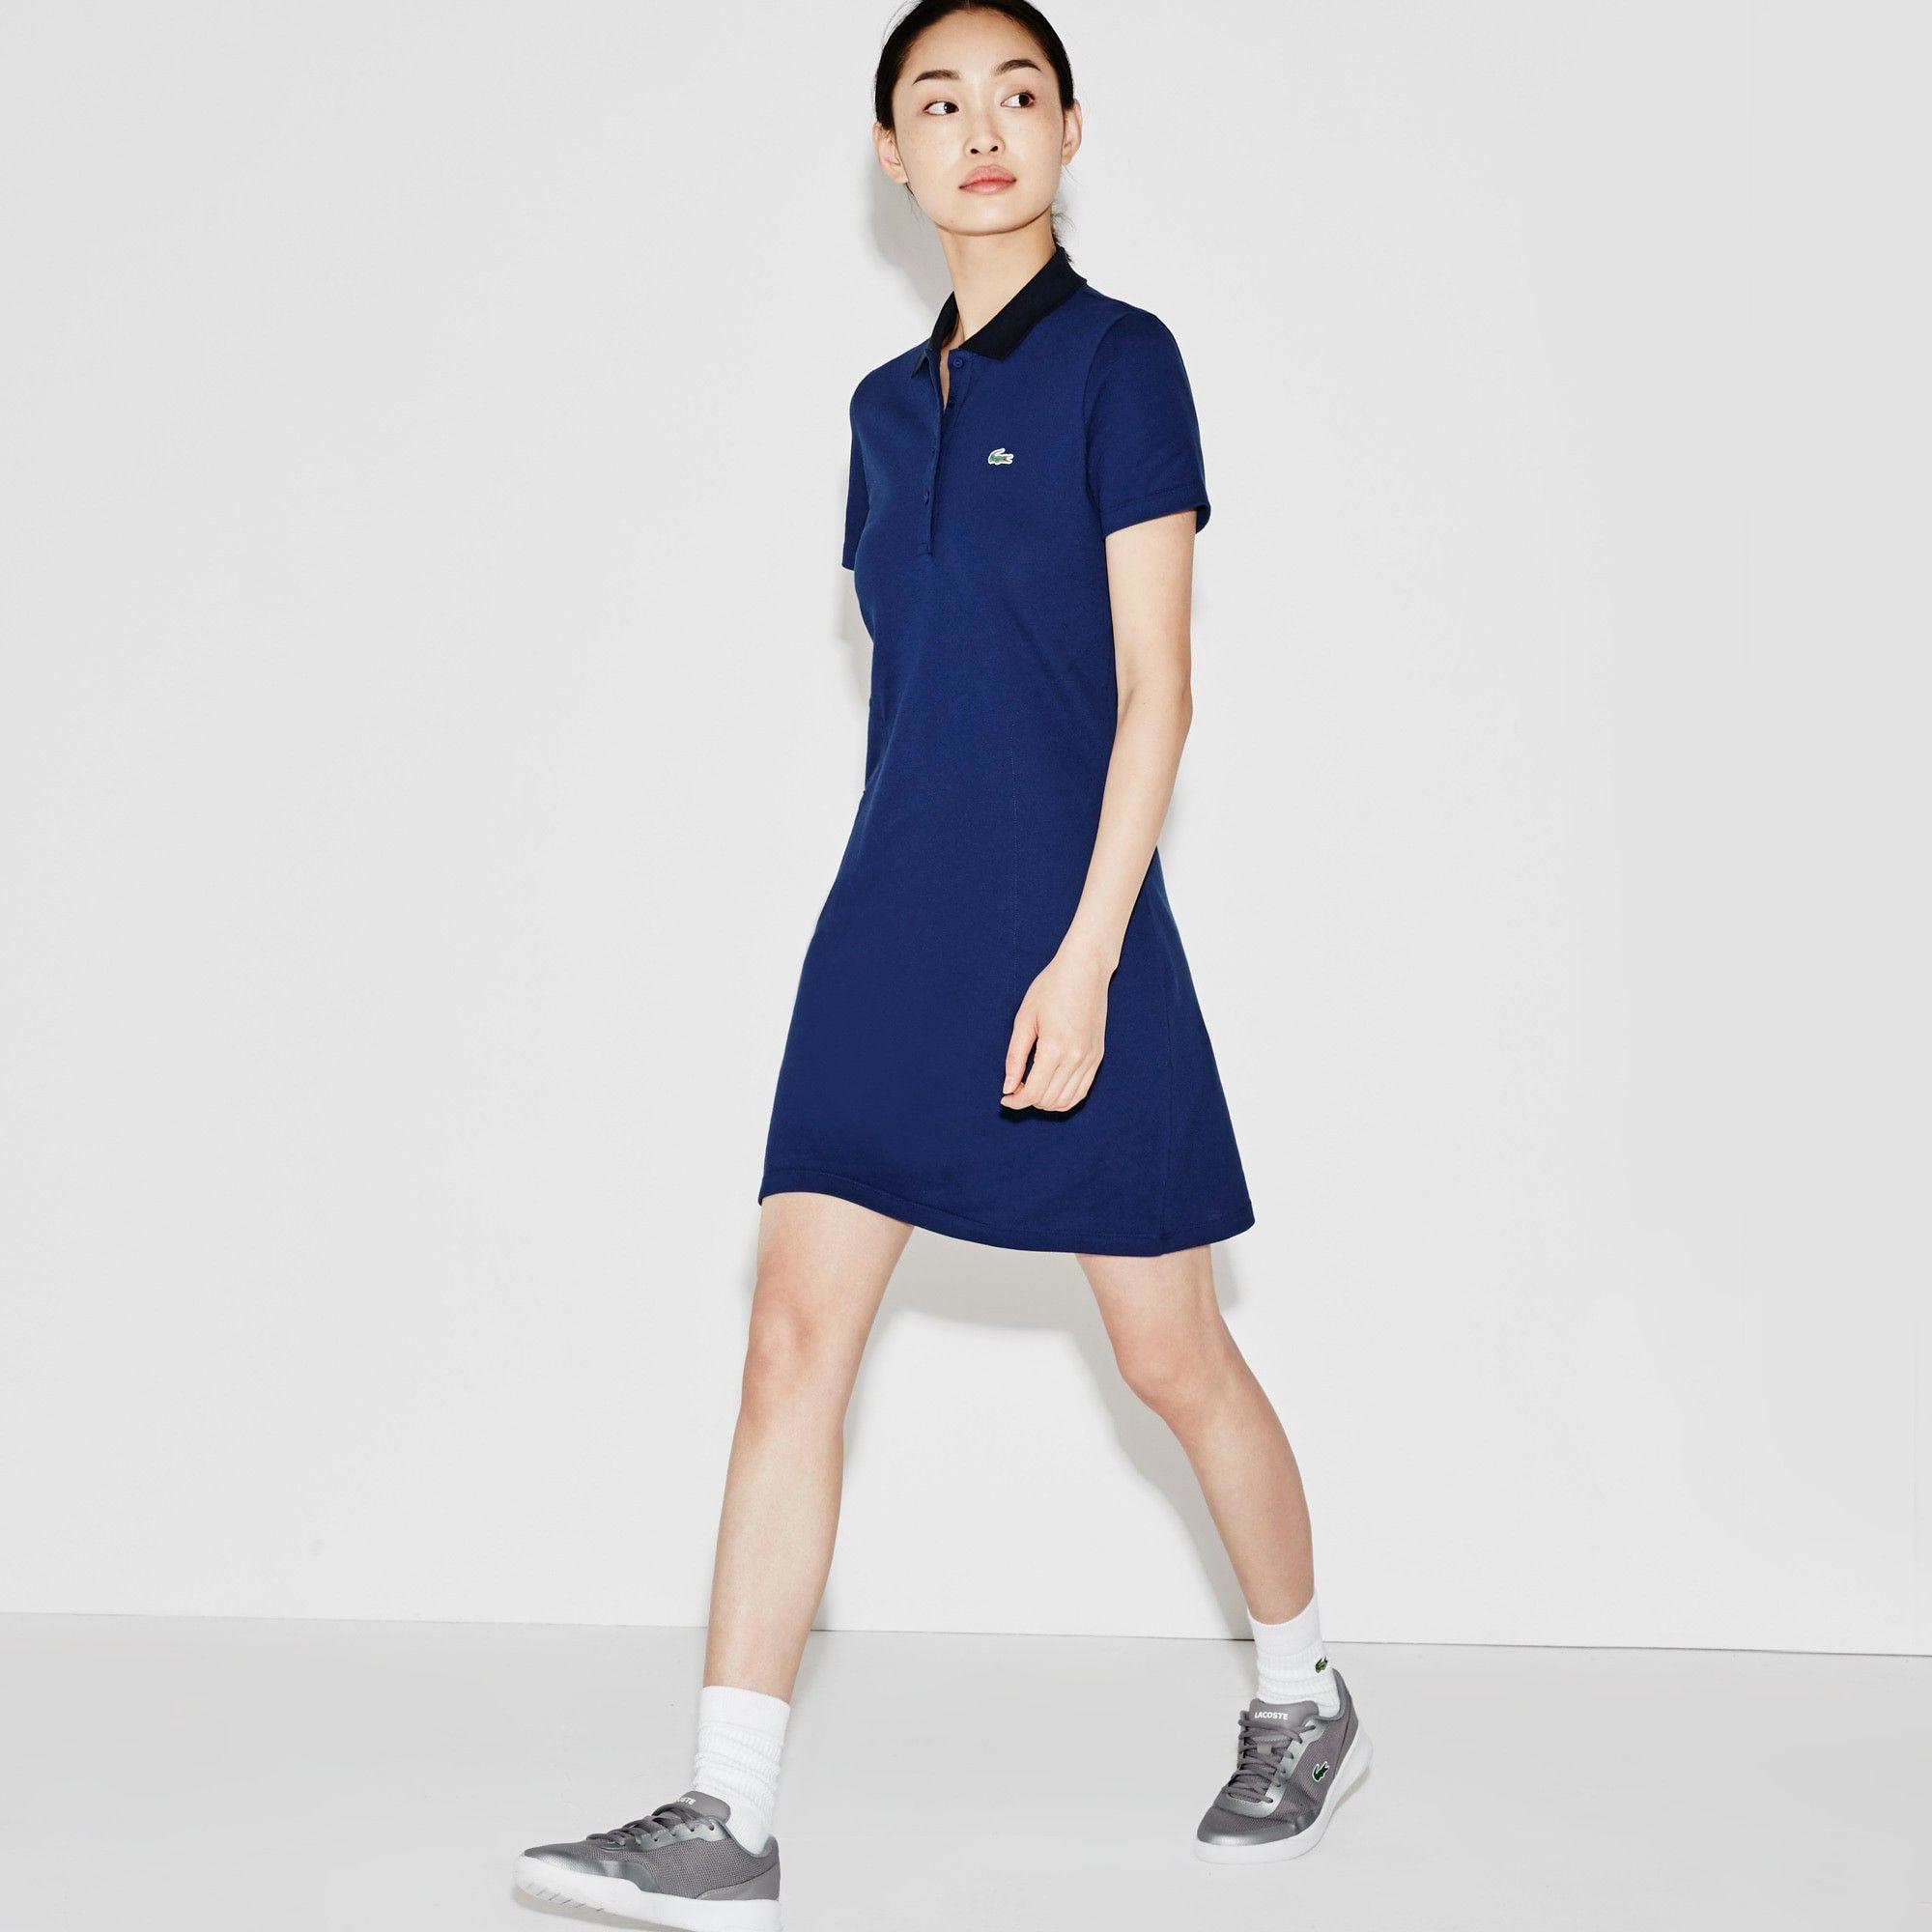 ab236d8daf5d LACOSTE Women s Lacoste SPORT Golf Stretch Mini Piqué Polo Dress -  ocean navy blue.  lacoste  cloth